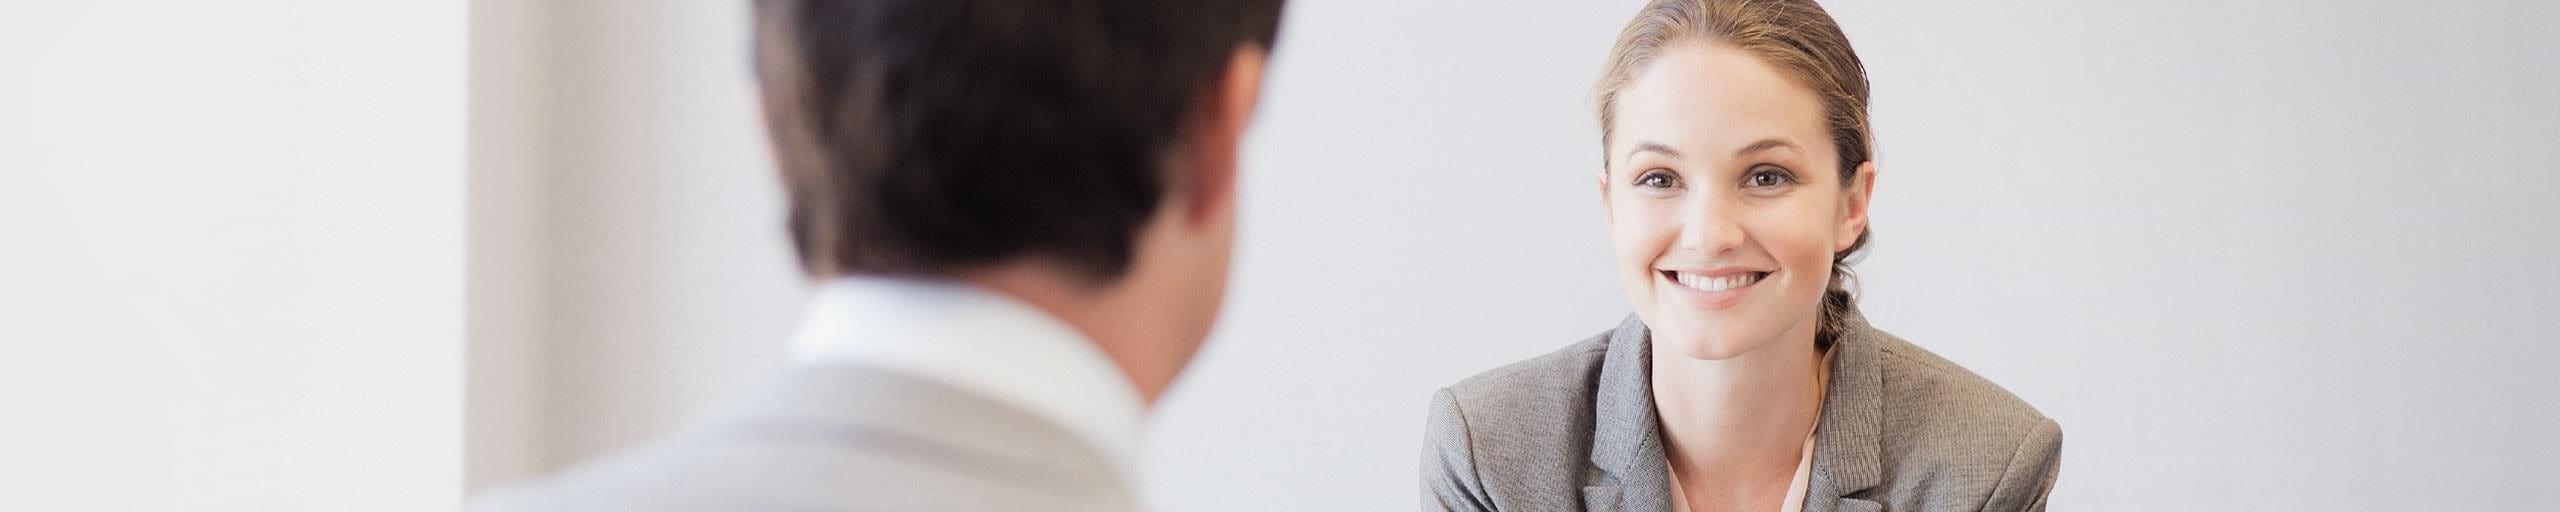 Eine junge Frau spricht mit einem Mann.